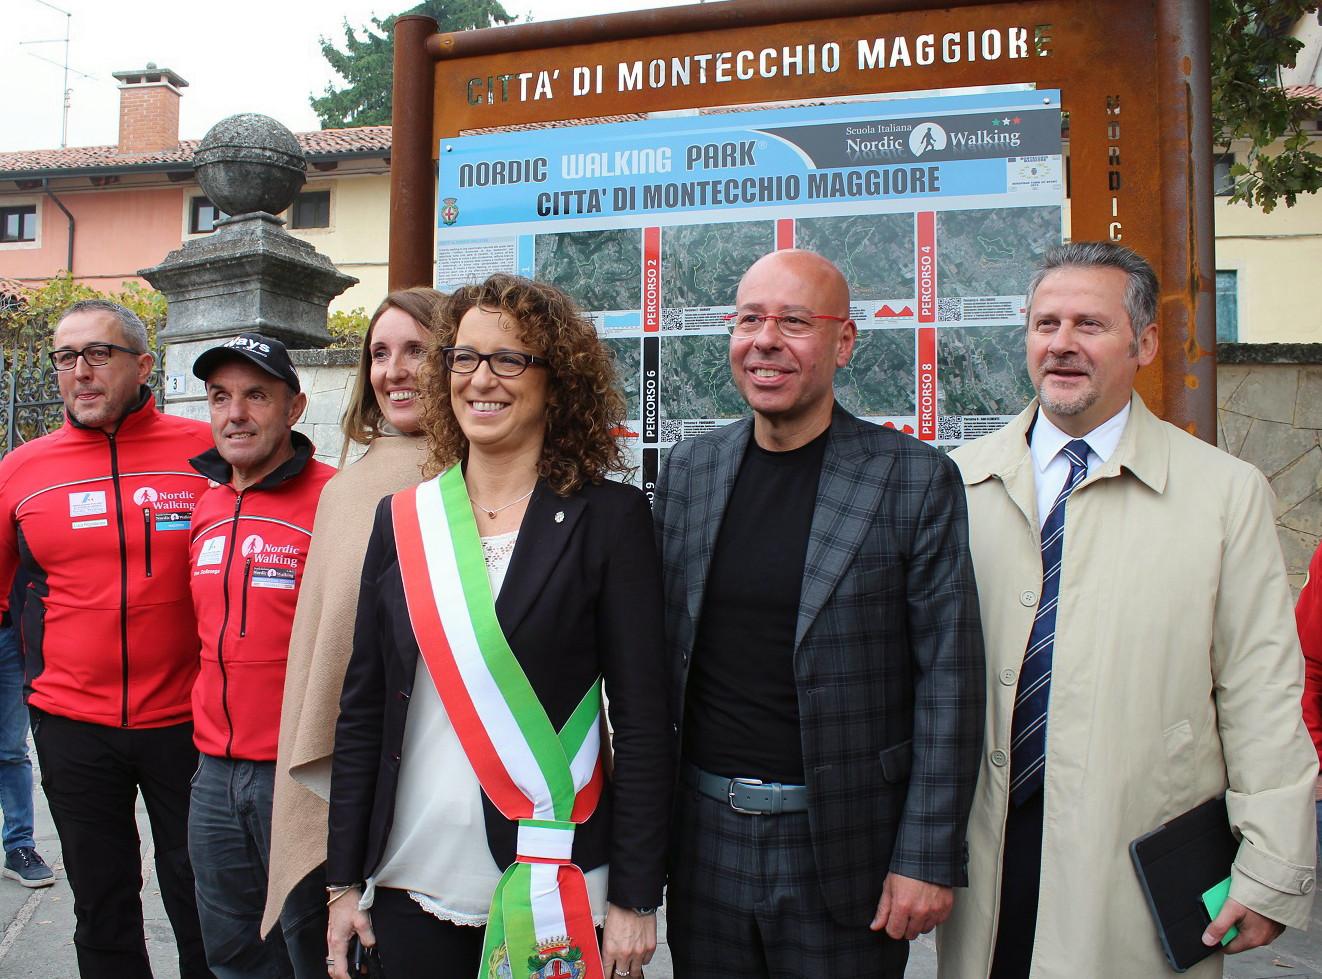 Nordic Walking Vicenza Calendario.A Montecchio Maggiore Il Piu Grande Nordic Walking Park D